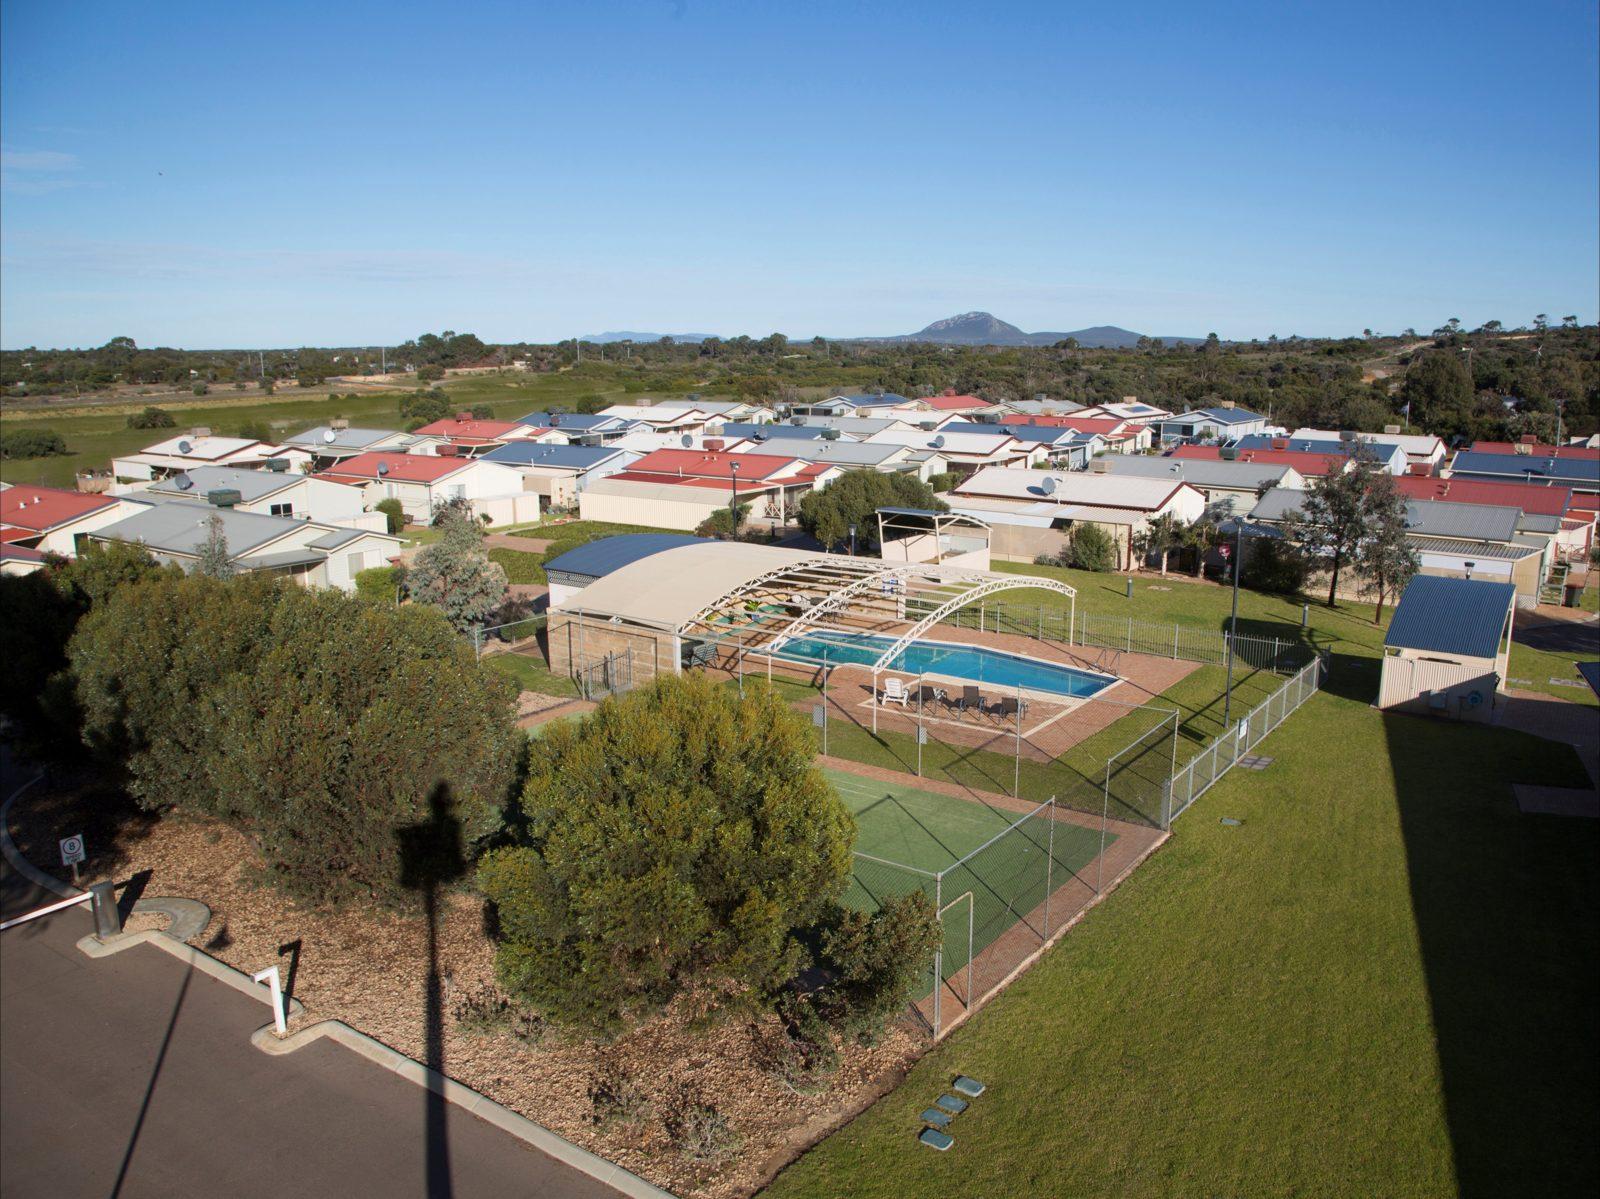 Wavecrest Village Tourist Park, Hopetoun, Western Australia